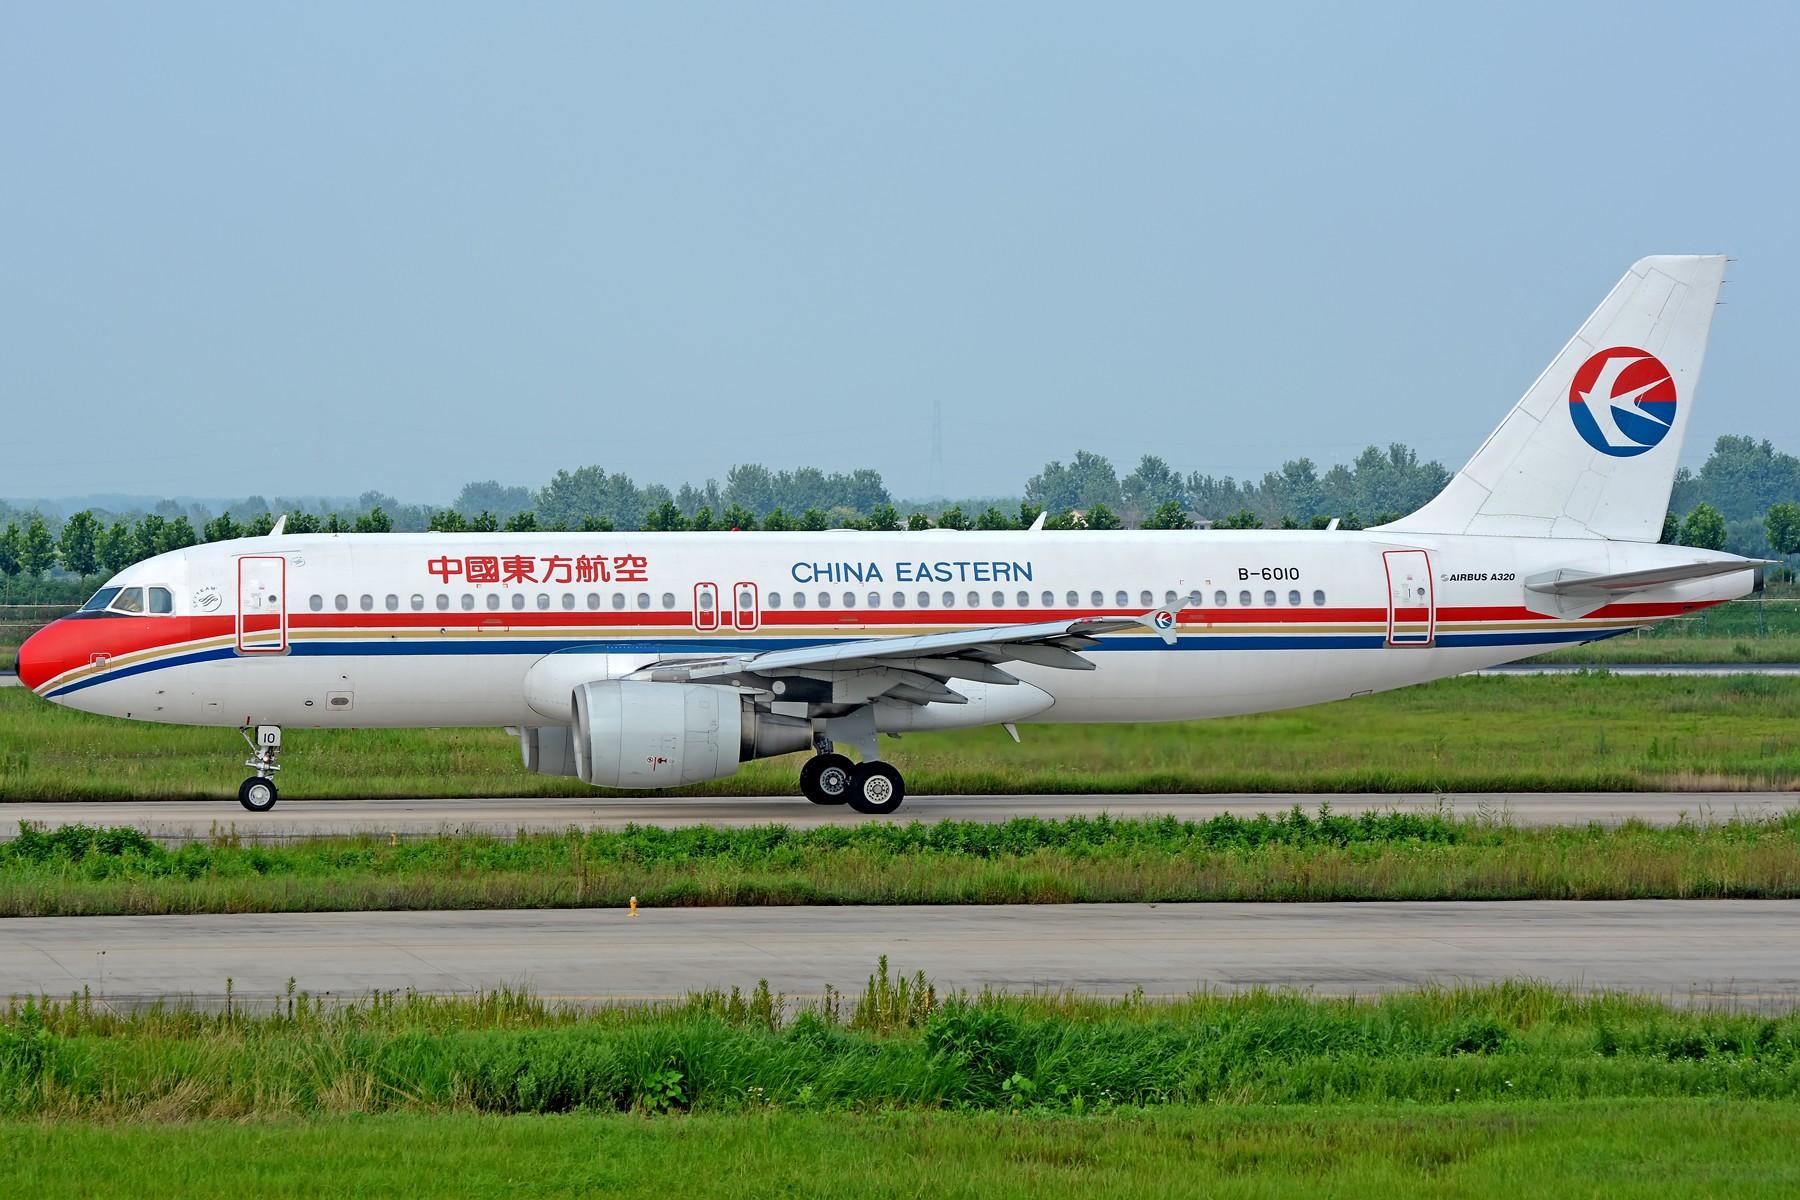 [原创]【一图党】CHINA EASTERN A320-214 B-6010 AIRBUS A320-200 B-6010 中国合肥新桥国际机场